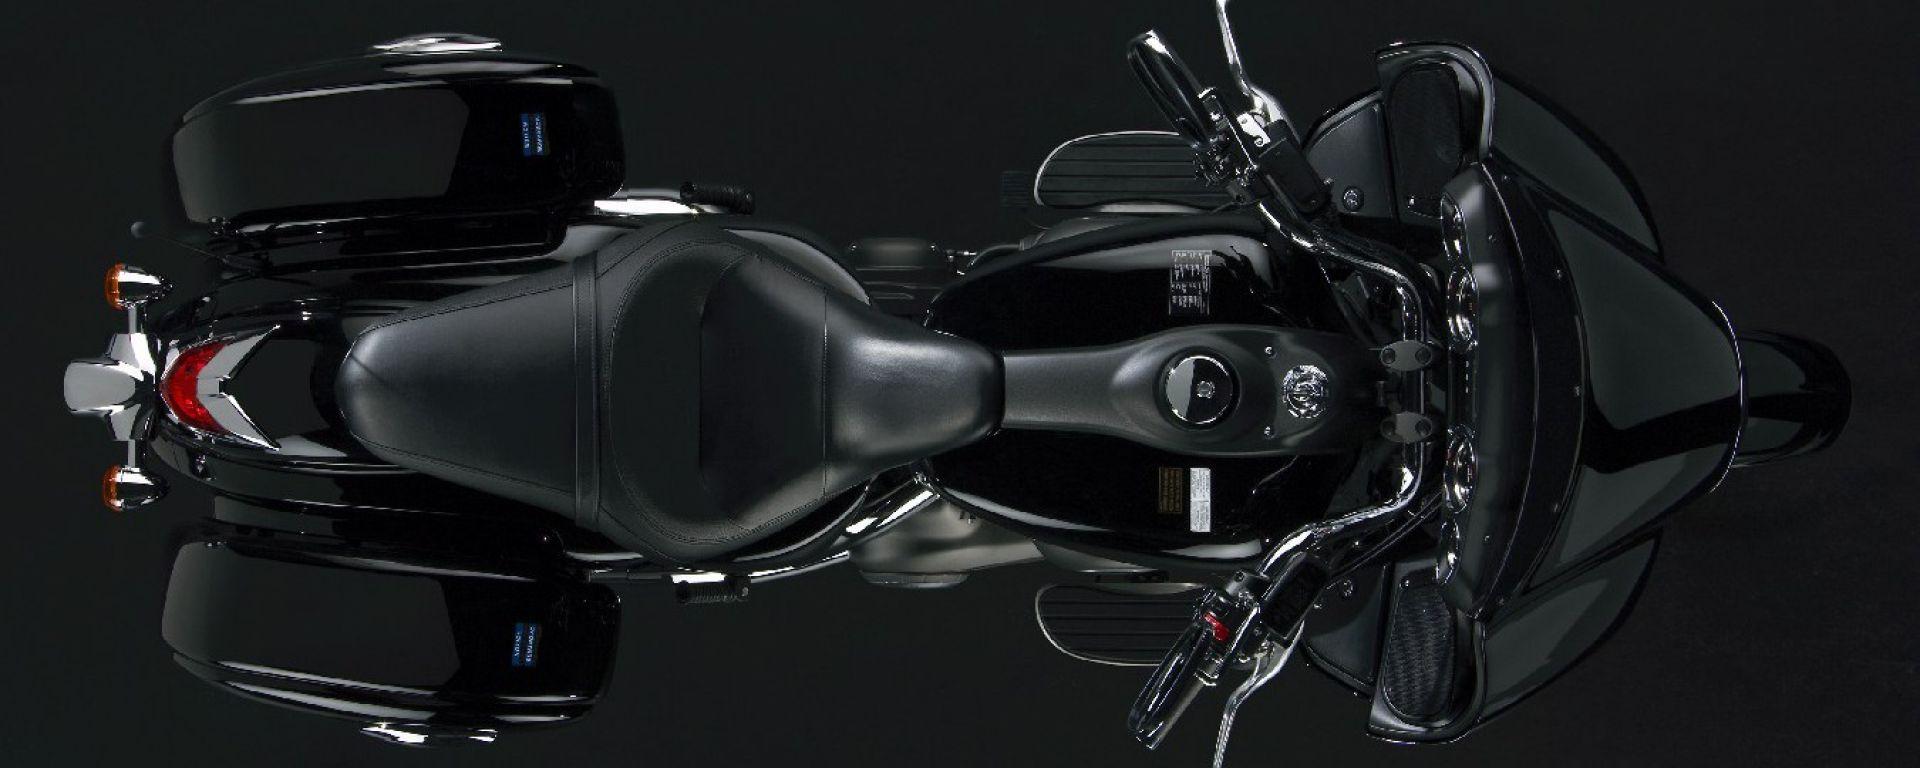 CRUISE CONTROL ACCELERATORE AUTOMATICO COMPATIBILE CON KAWASAKI VN 900 MOTO SCOOTER